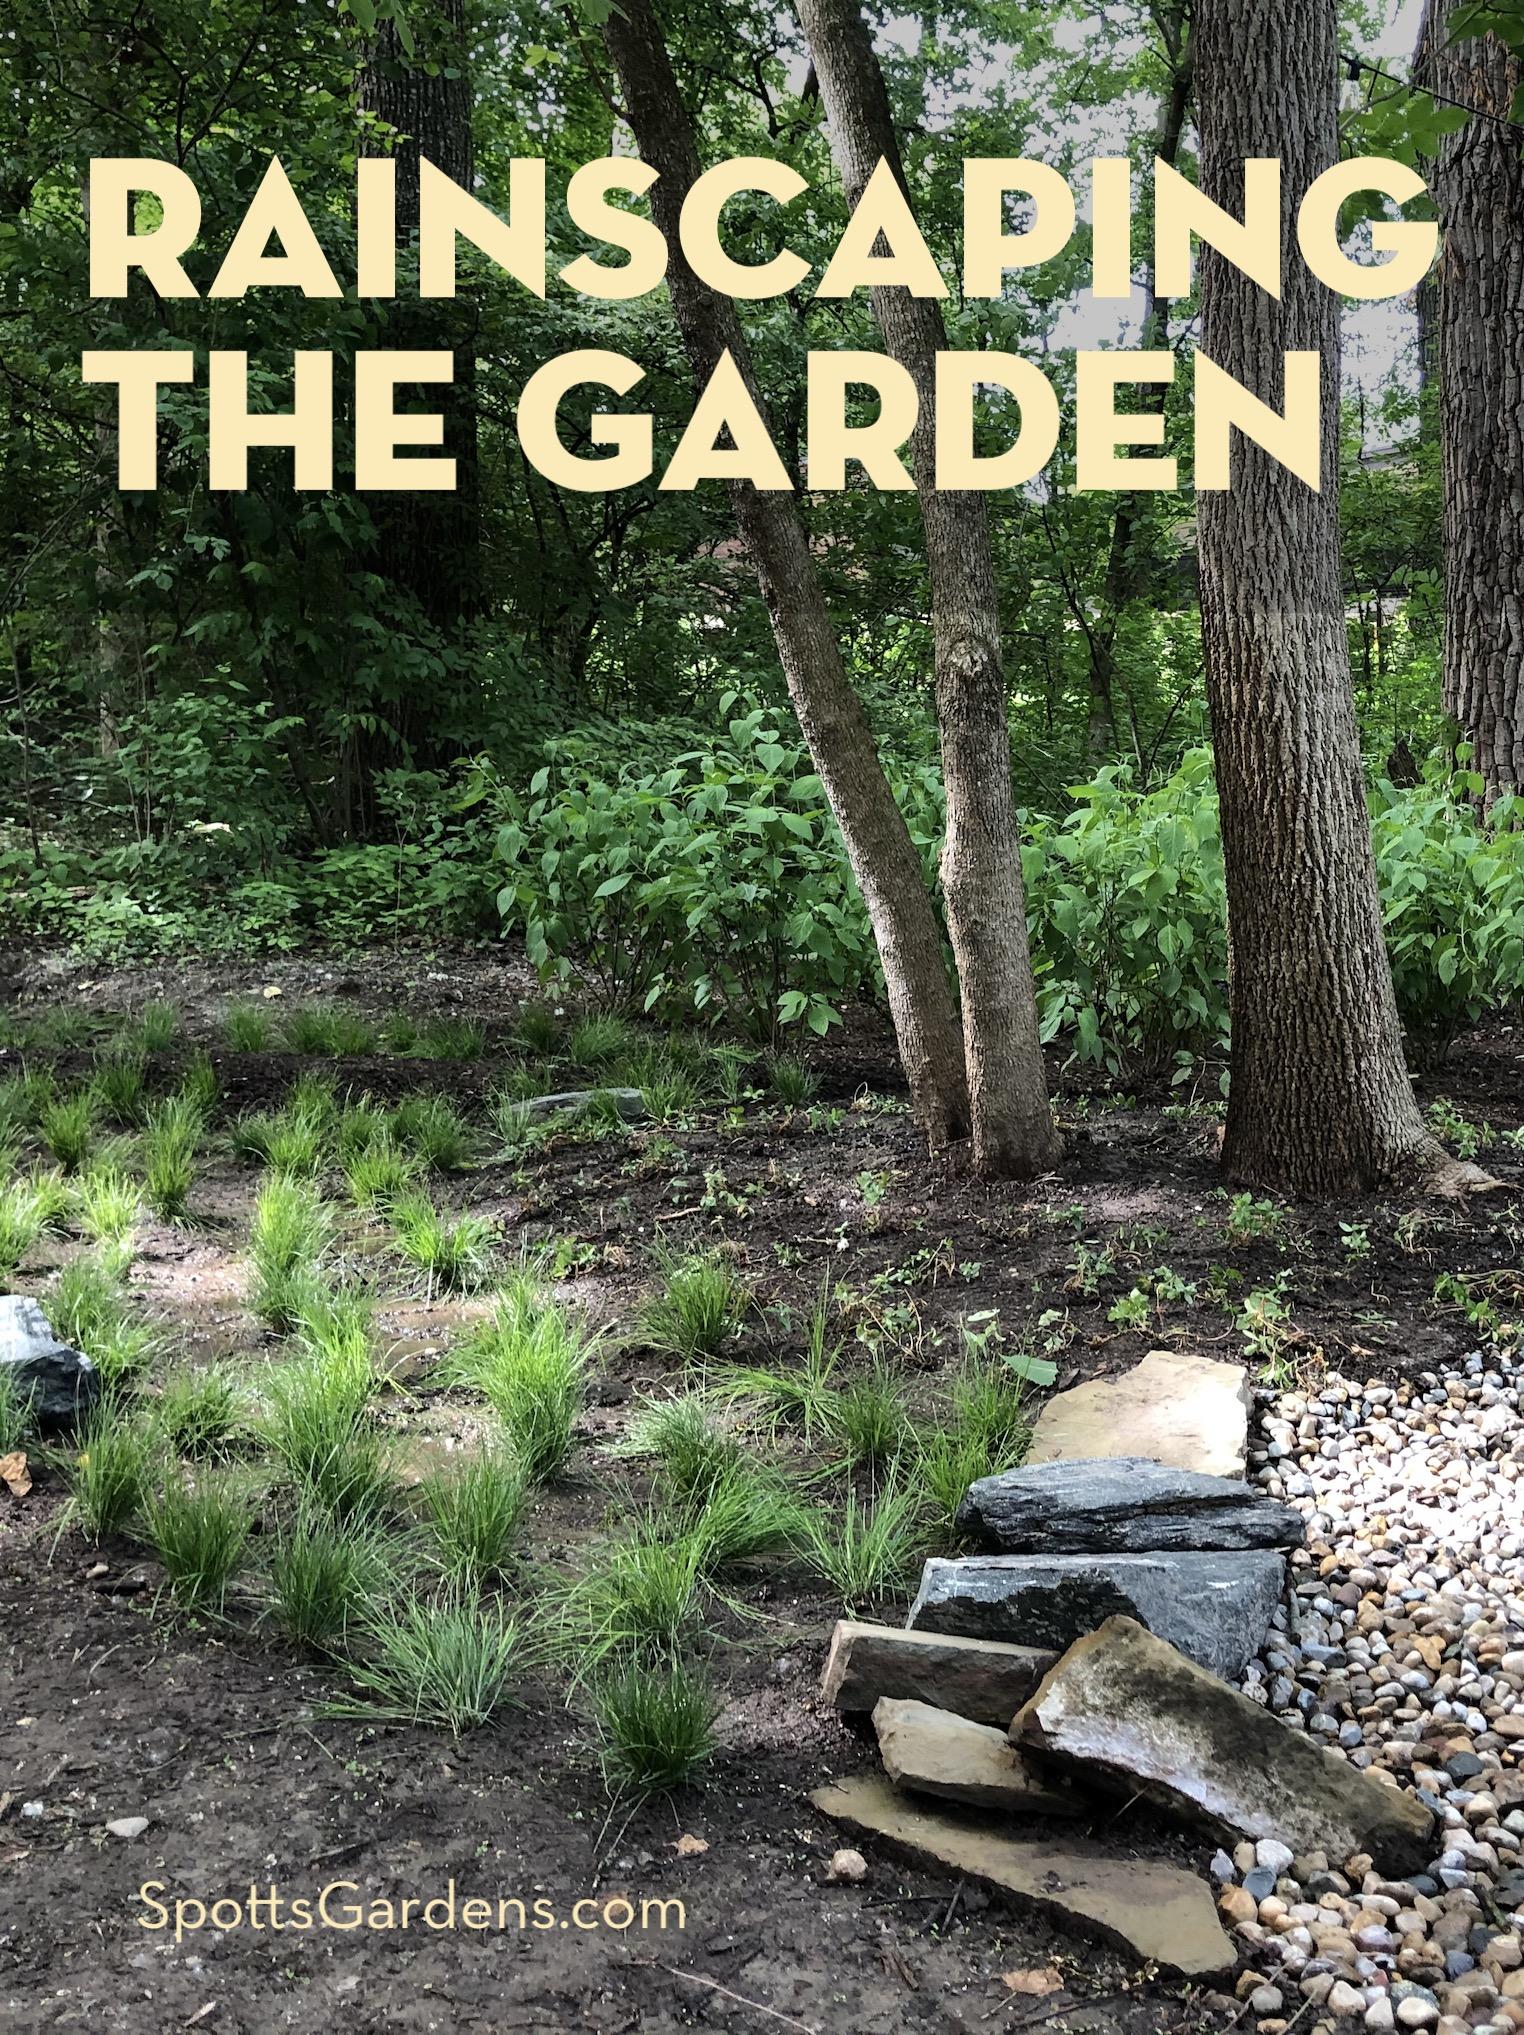 Rainscaping the Garden